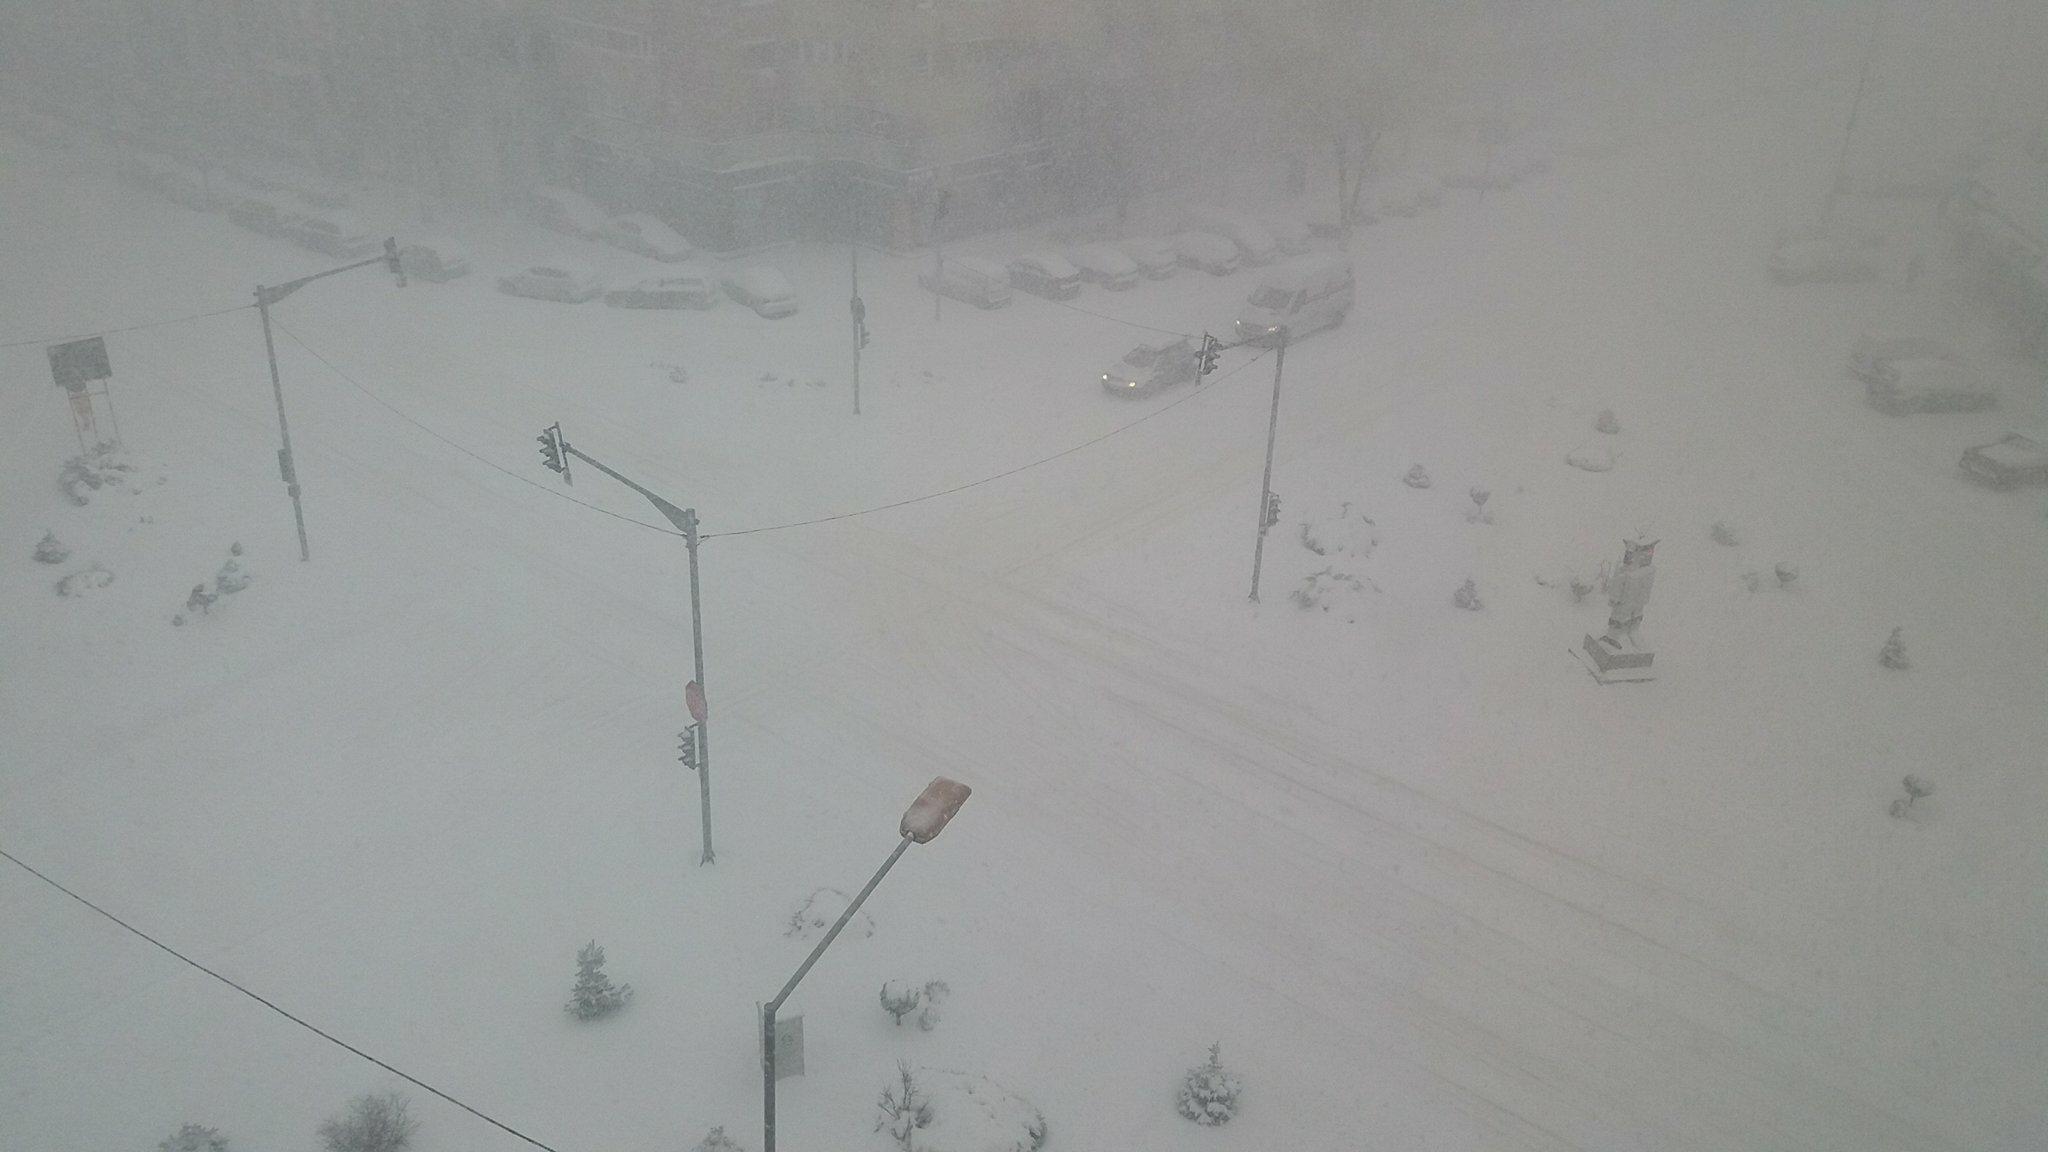 În Teleorman, nu sunt drumuri închise din cauza zăpezii. Șoferii, avertizați să circule cu prudență